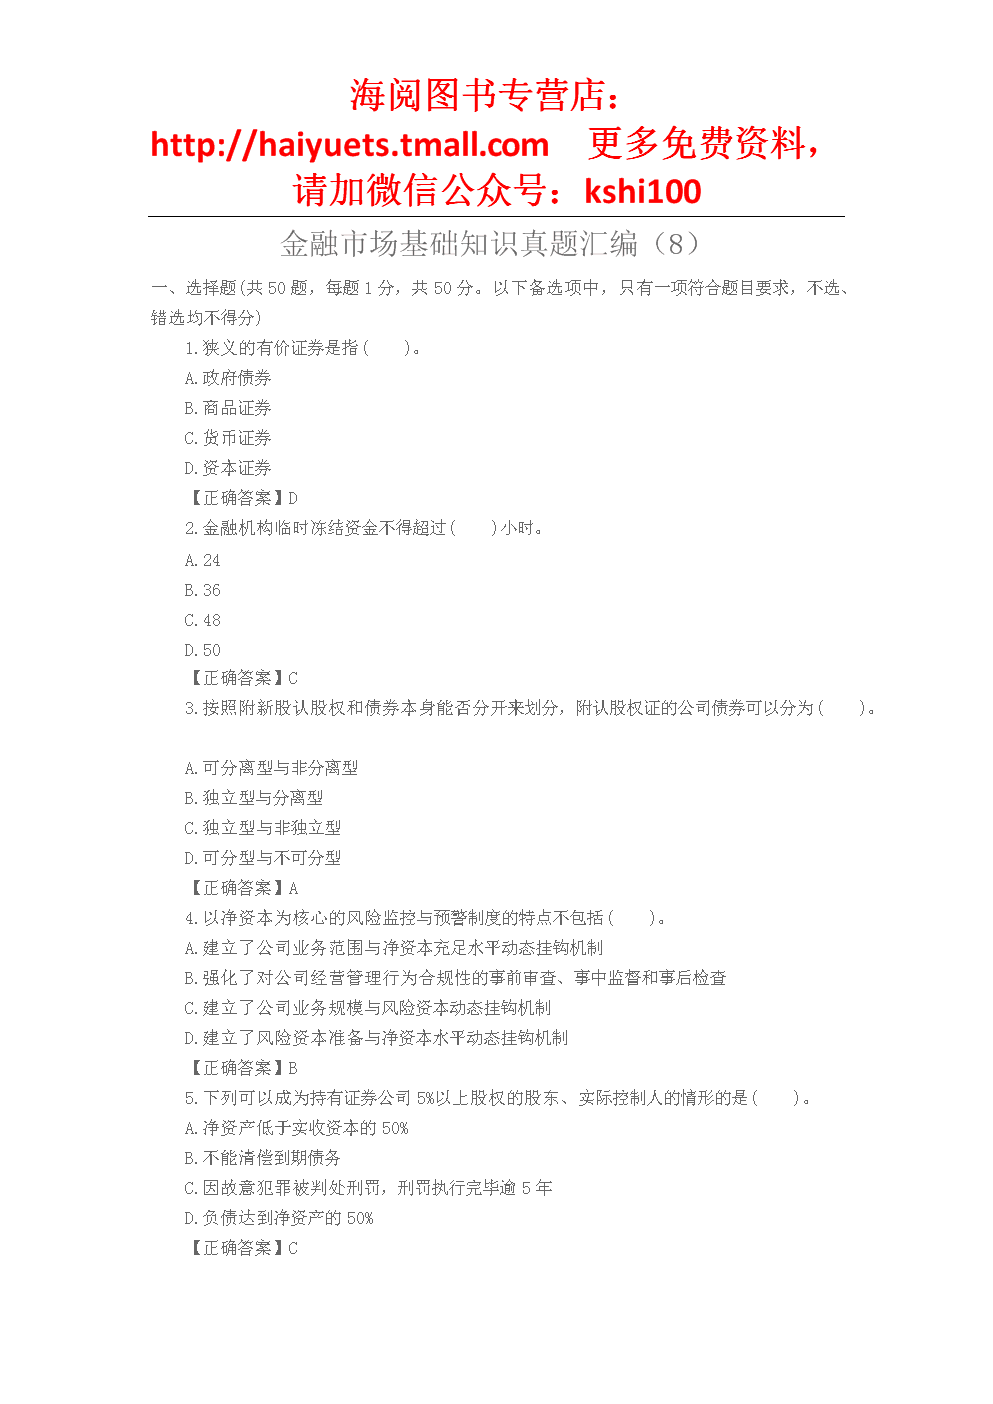 金融市场基础知识真题汇编 (8).docx